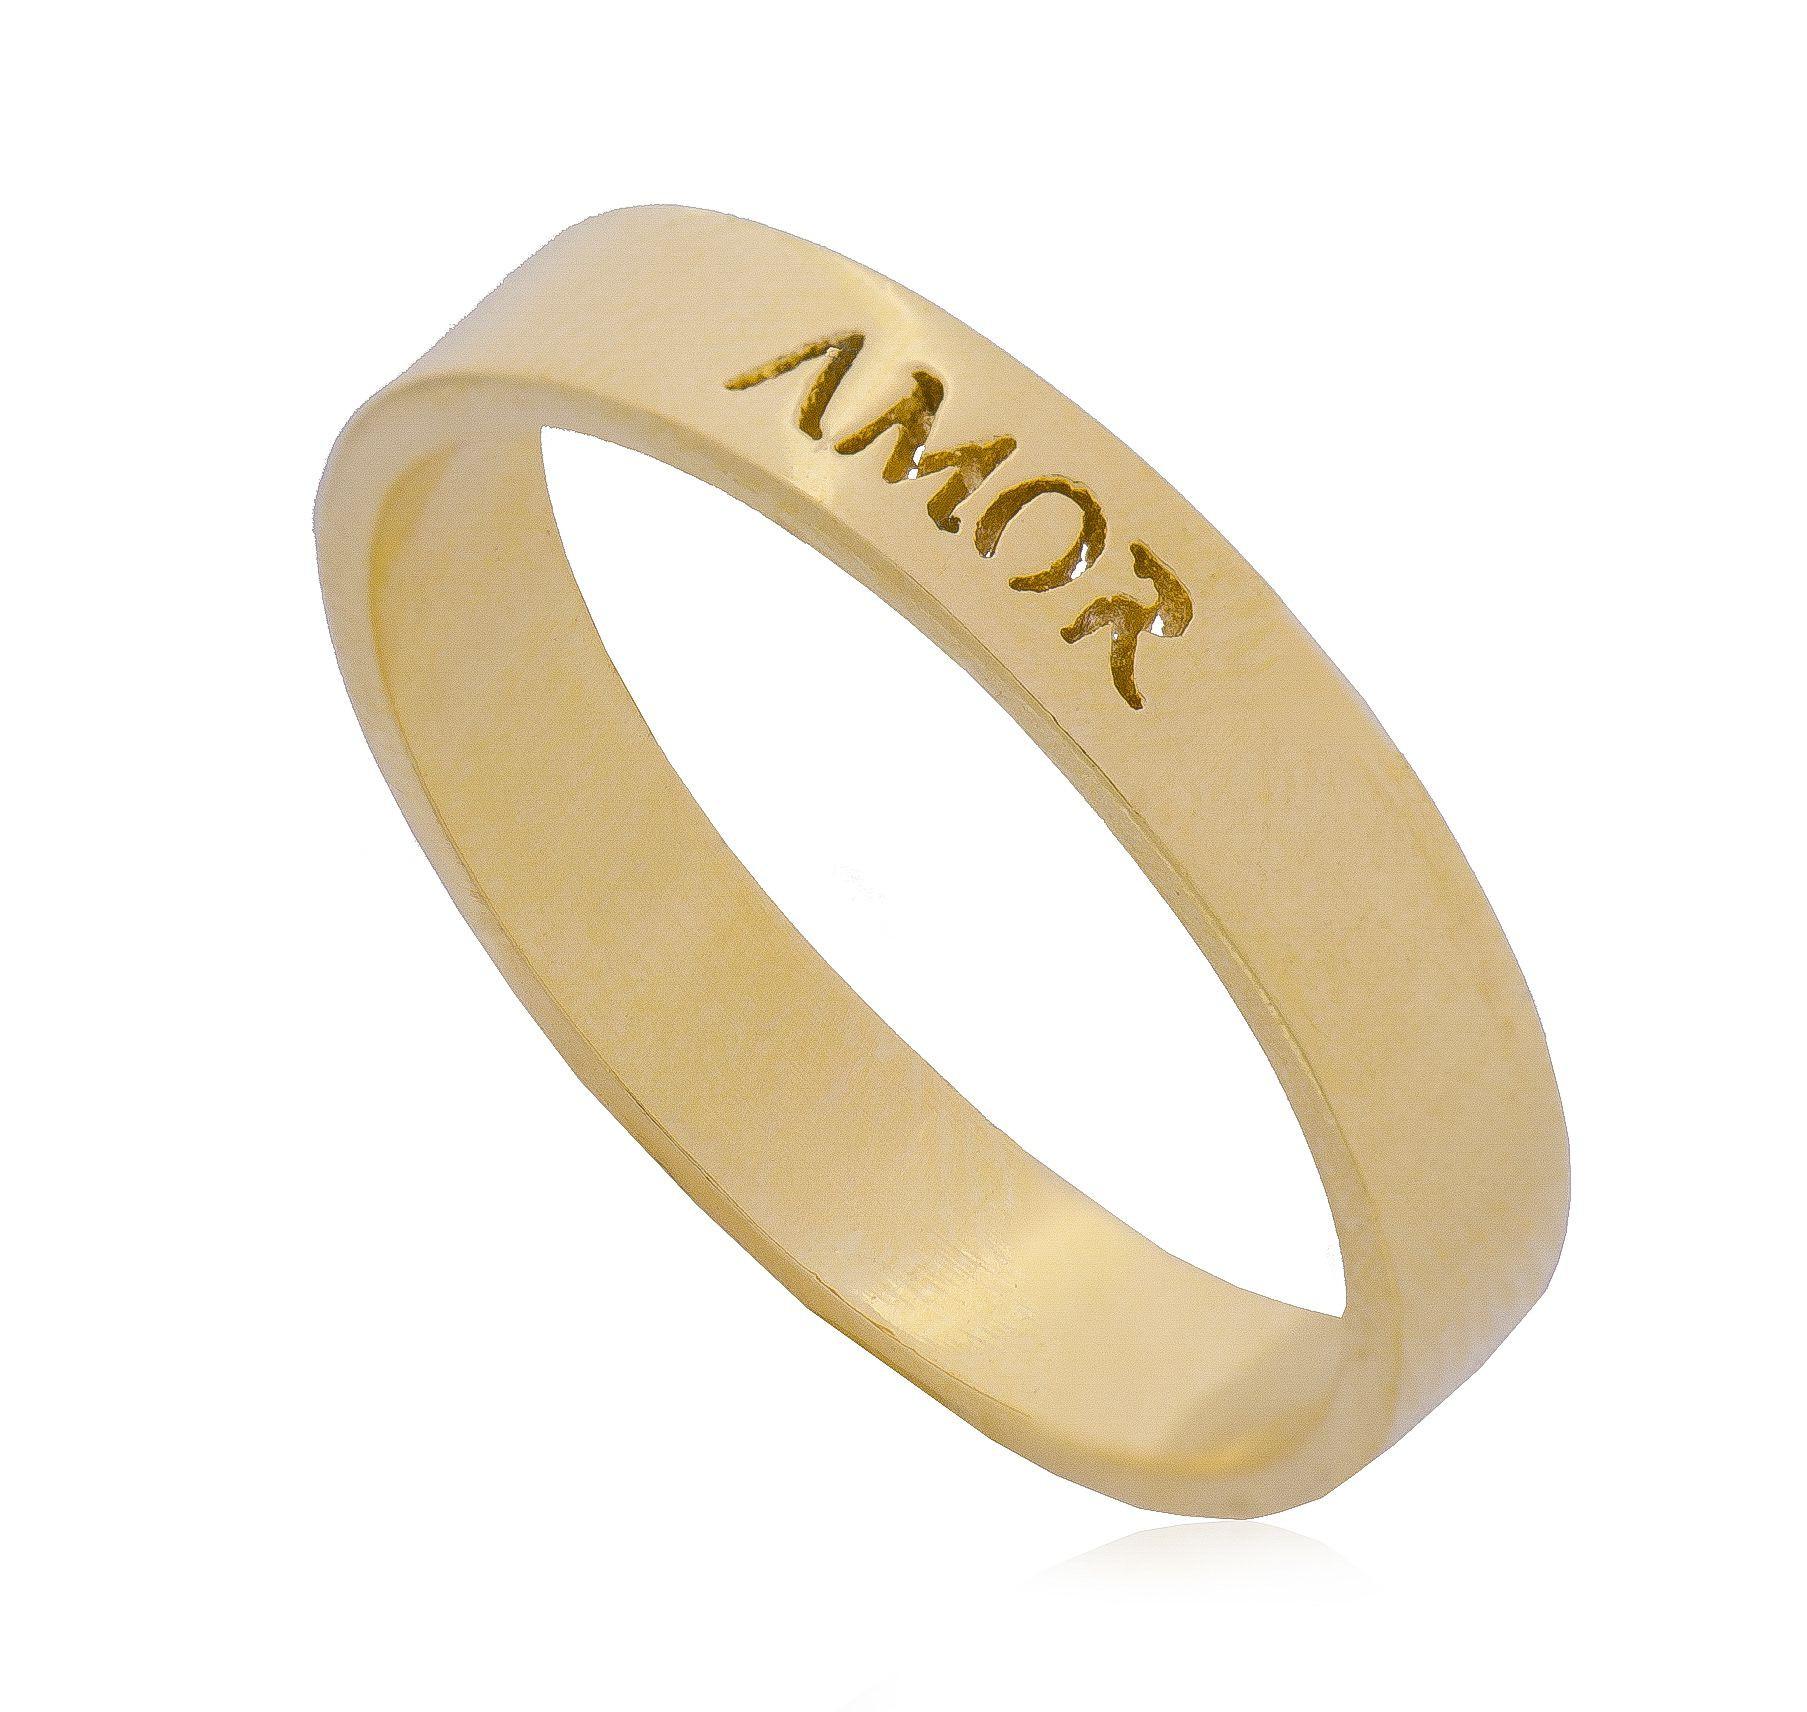 Anel Amor Folheado em Ouro 18k - Giro Semijoias